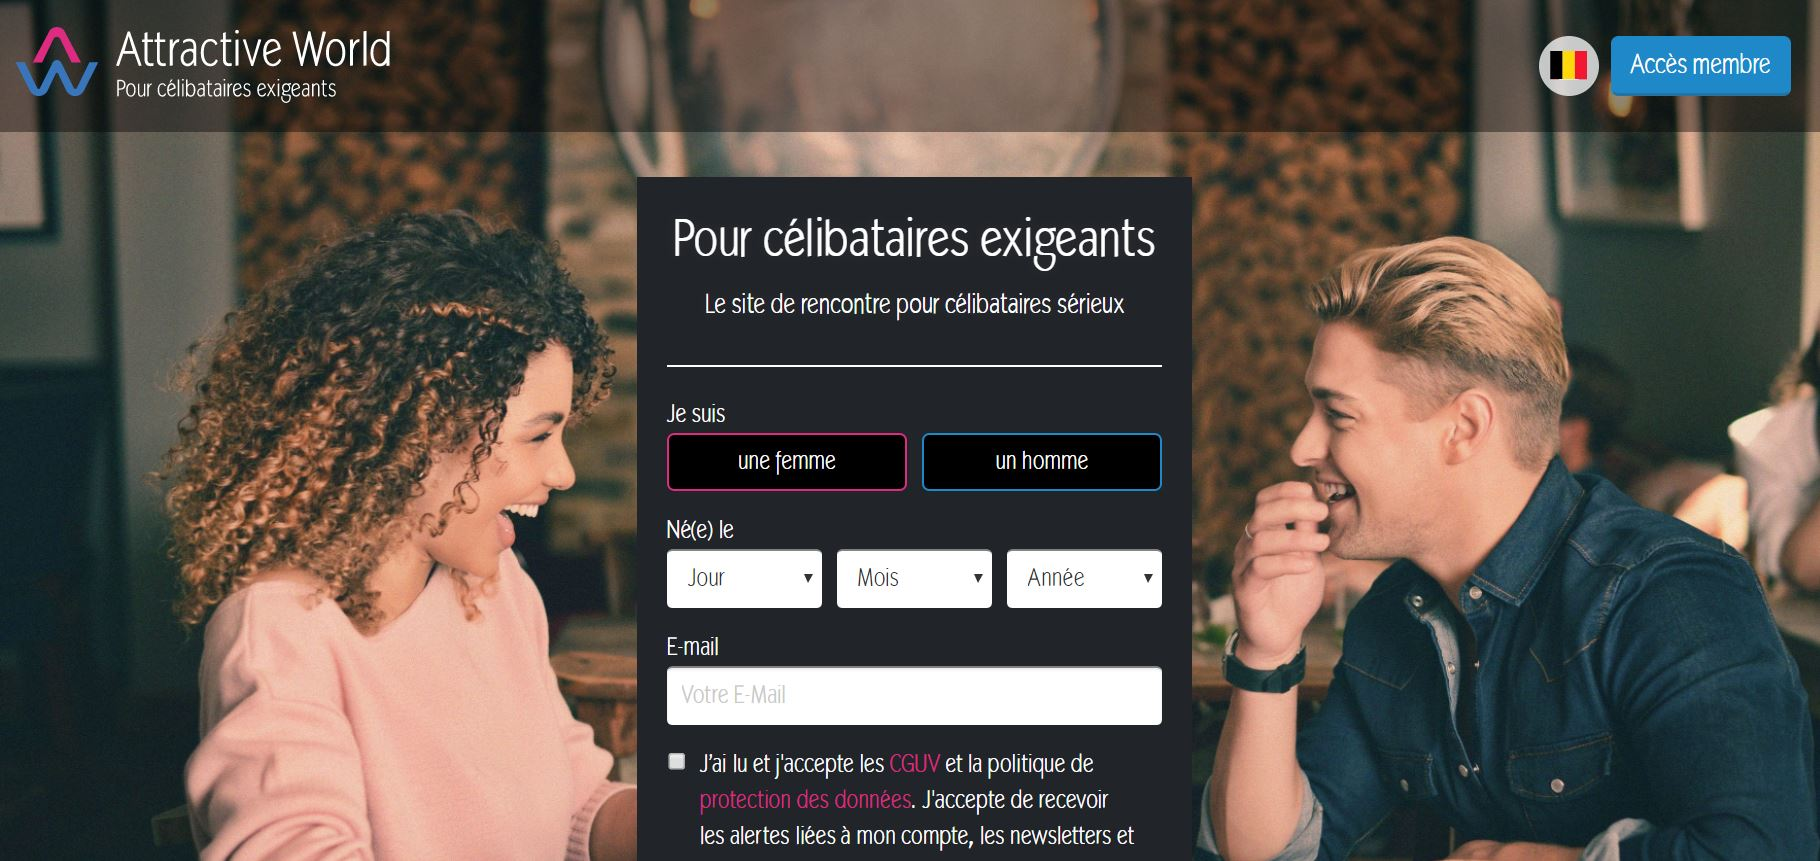 Meilleurs sites rencontre les sites de rencontre belge gratuit